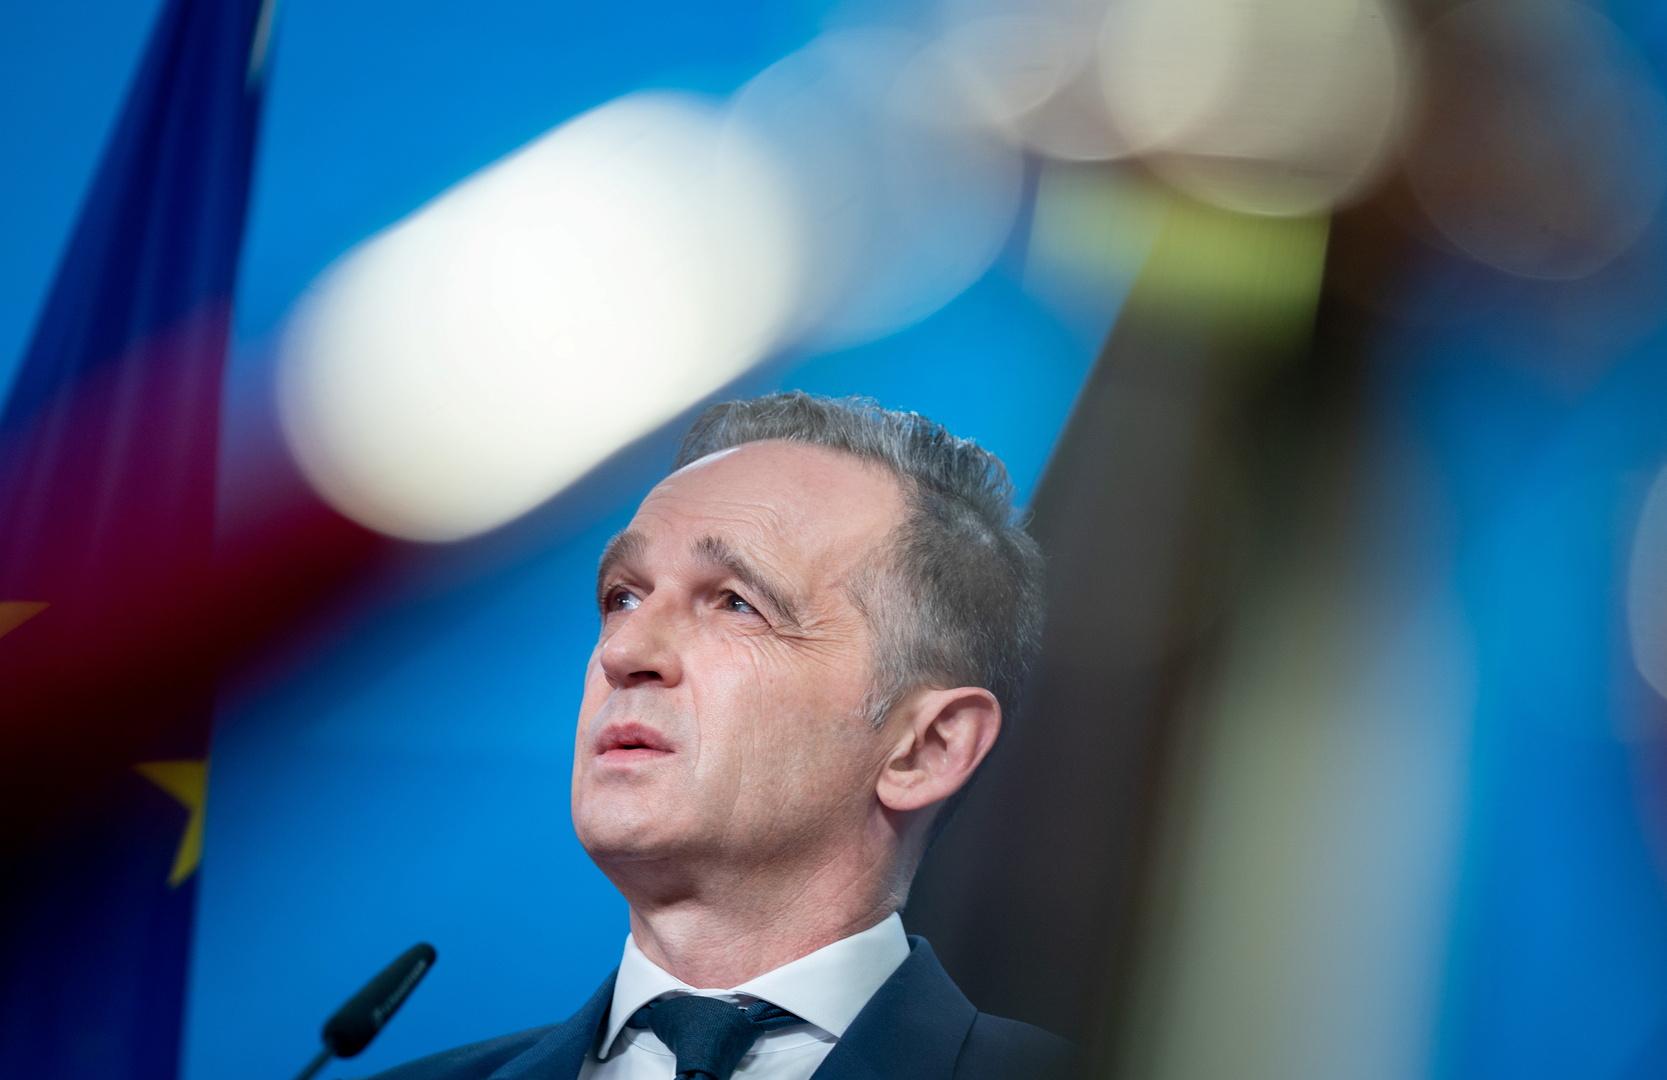 الحكومة الألمانية توكد مطالبتها موسكو بالإفراج عن نافالني وأنصاره المحتجزين